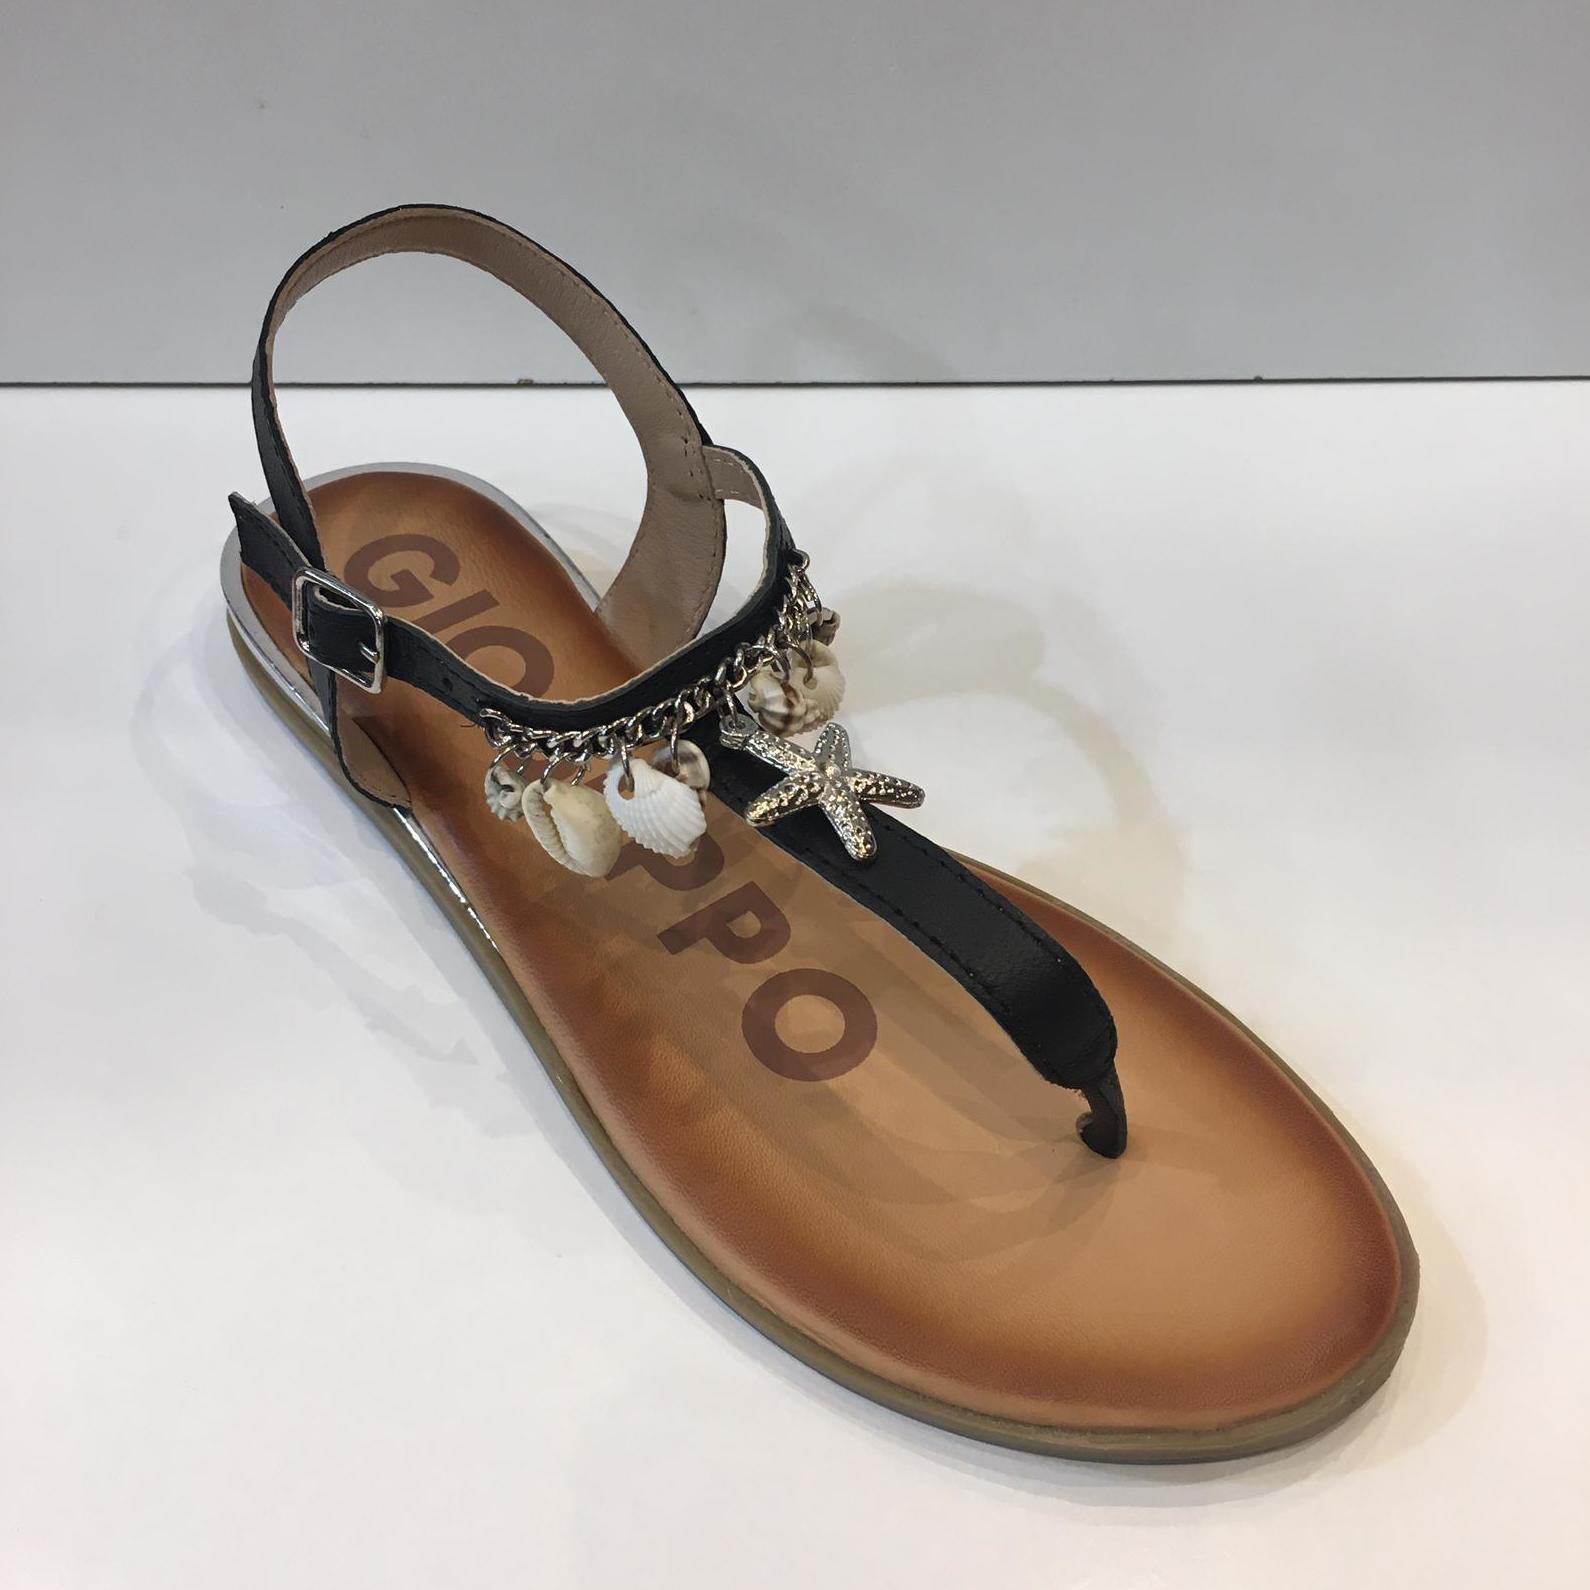 Esclava de la marca Gioseppo, de pell i corculles, plantilla encoixinada, sola de goma amb 2 cm de cunya 44.95€